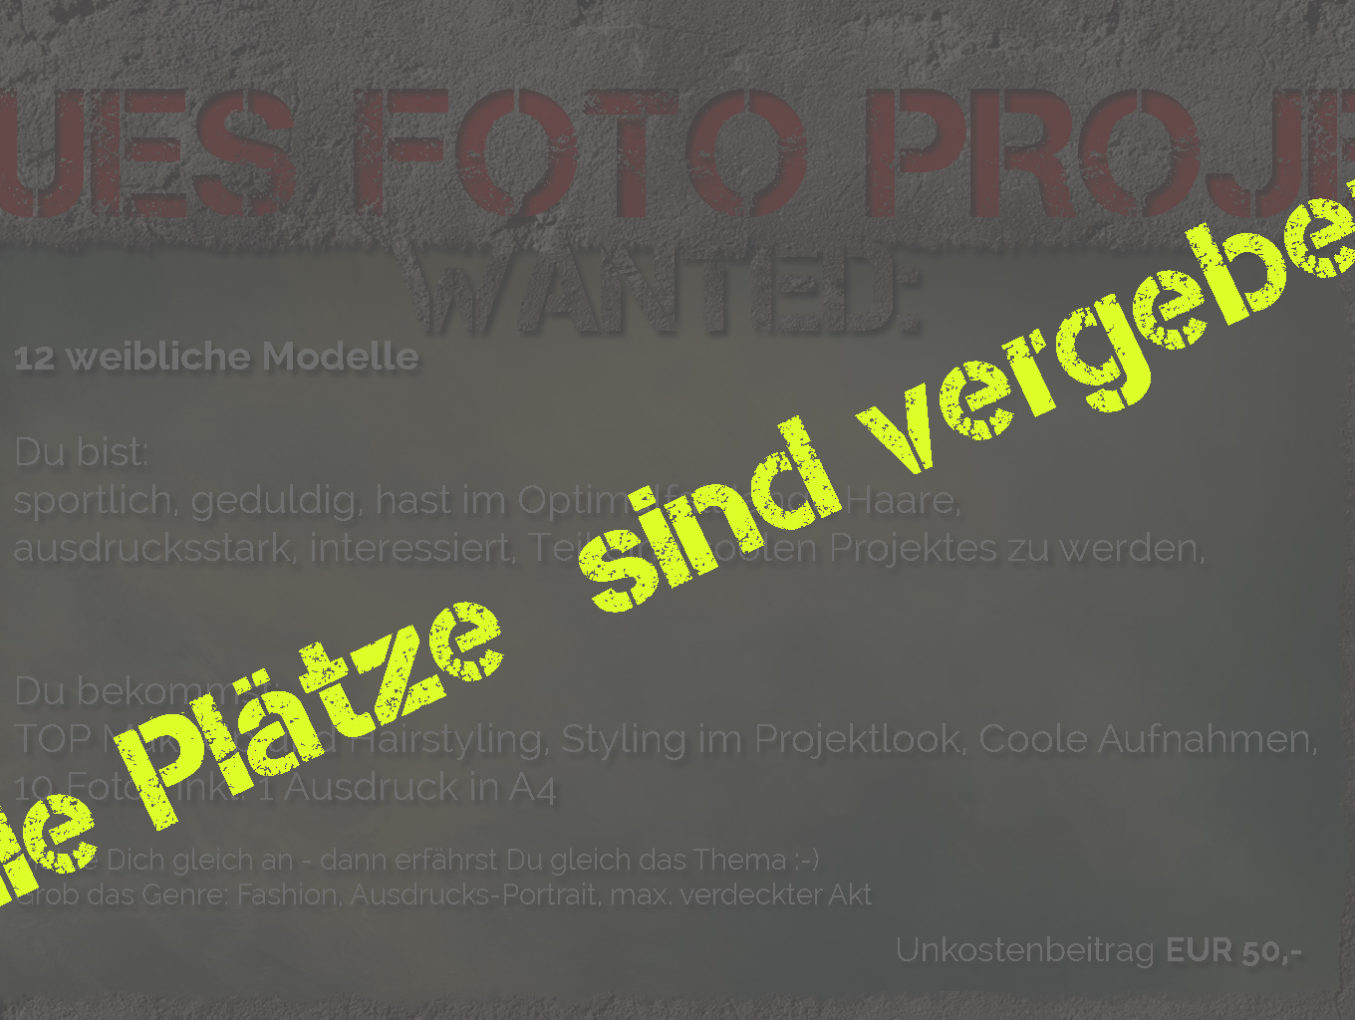 Neues Foto Projekt - Modelle gesucht! (AUSVERKAUFT!!!!)